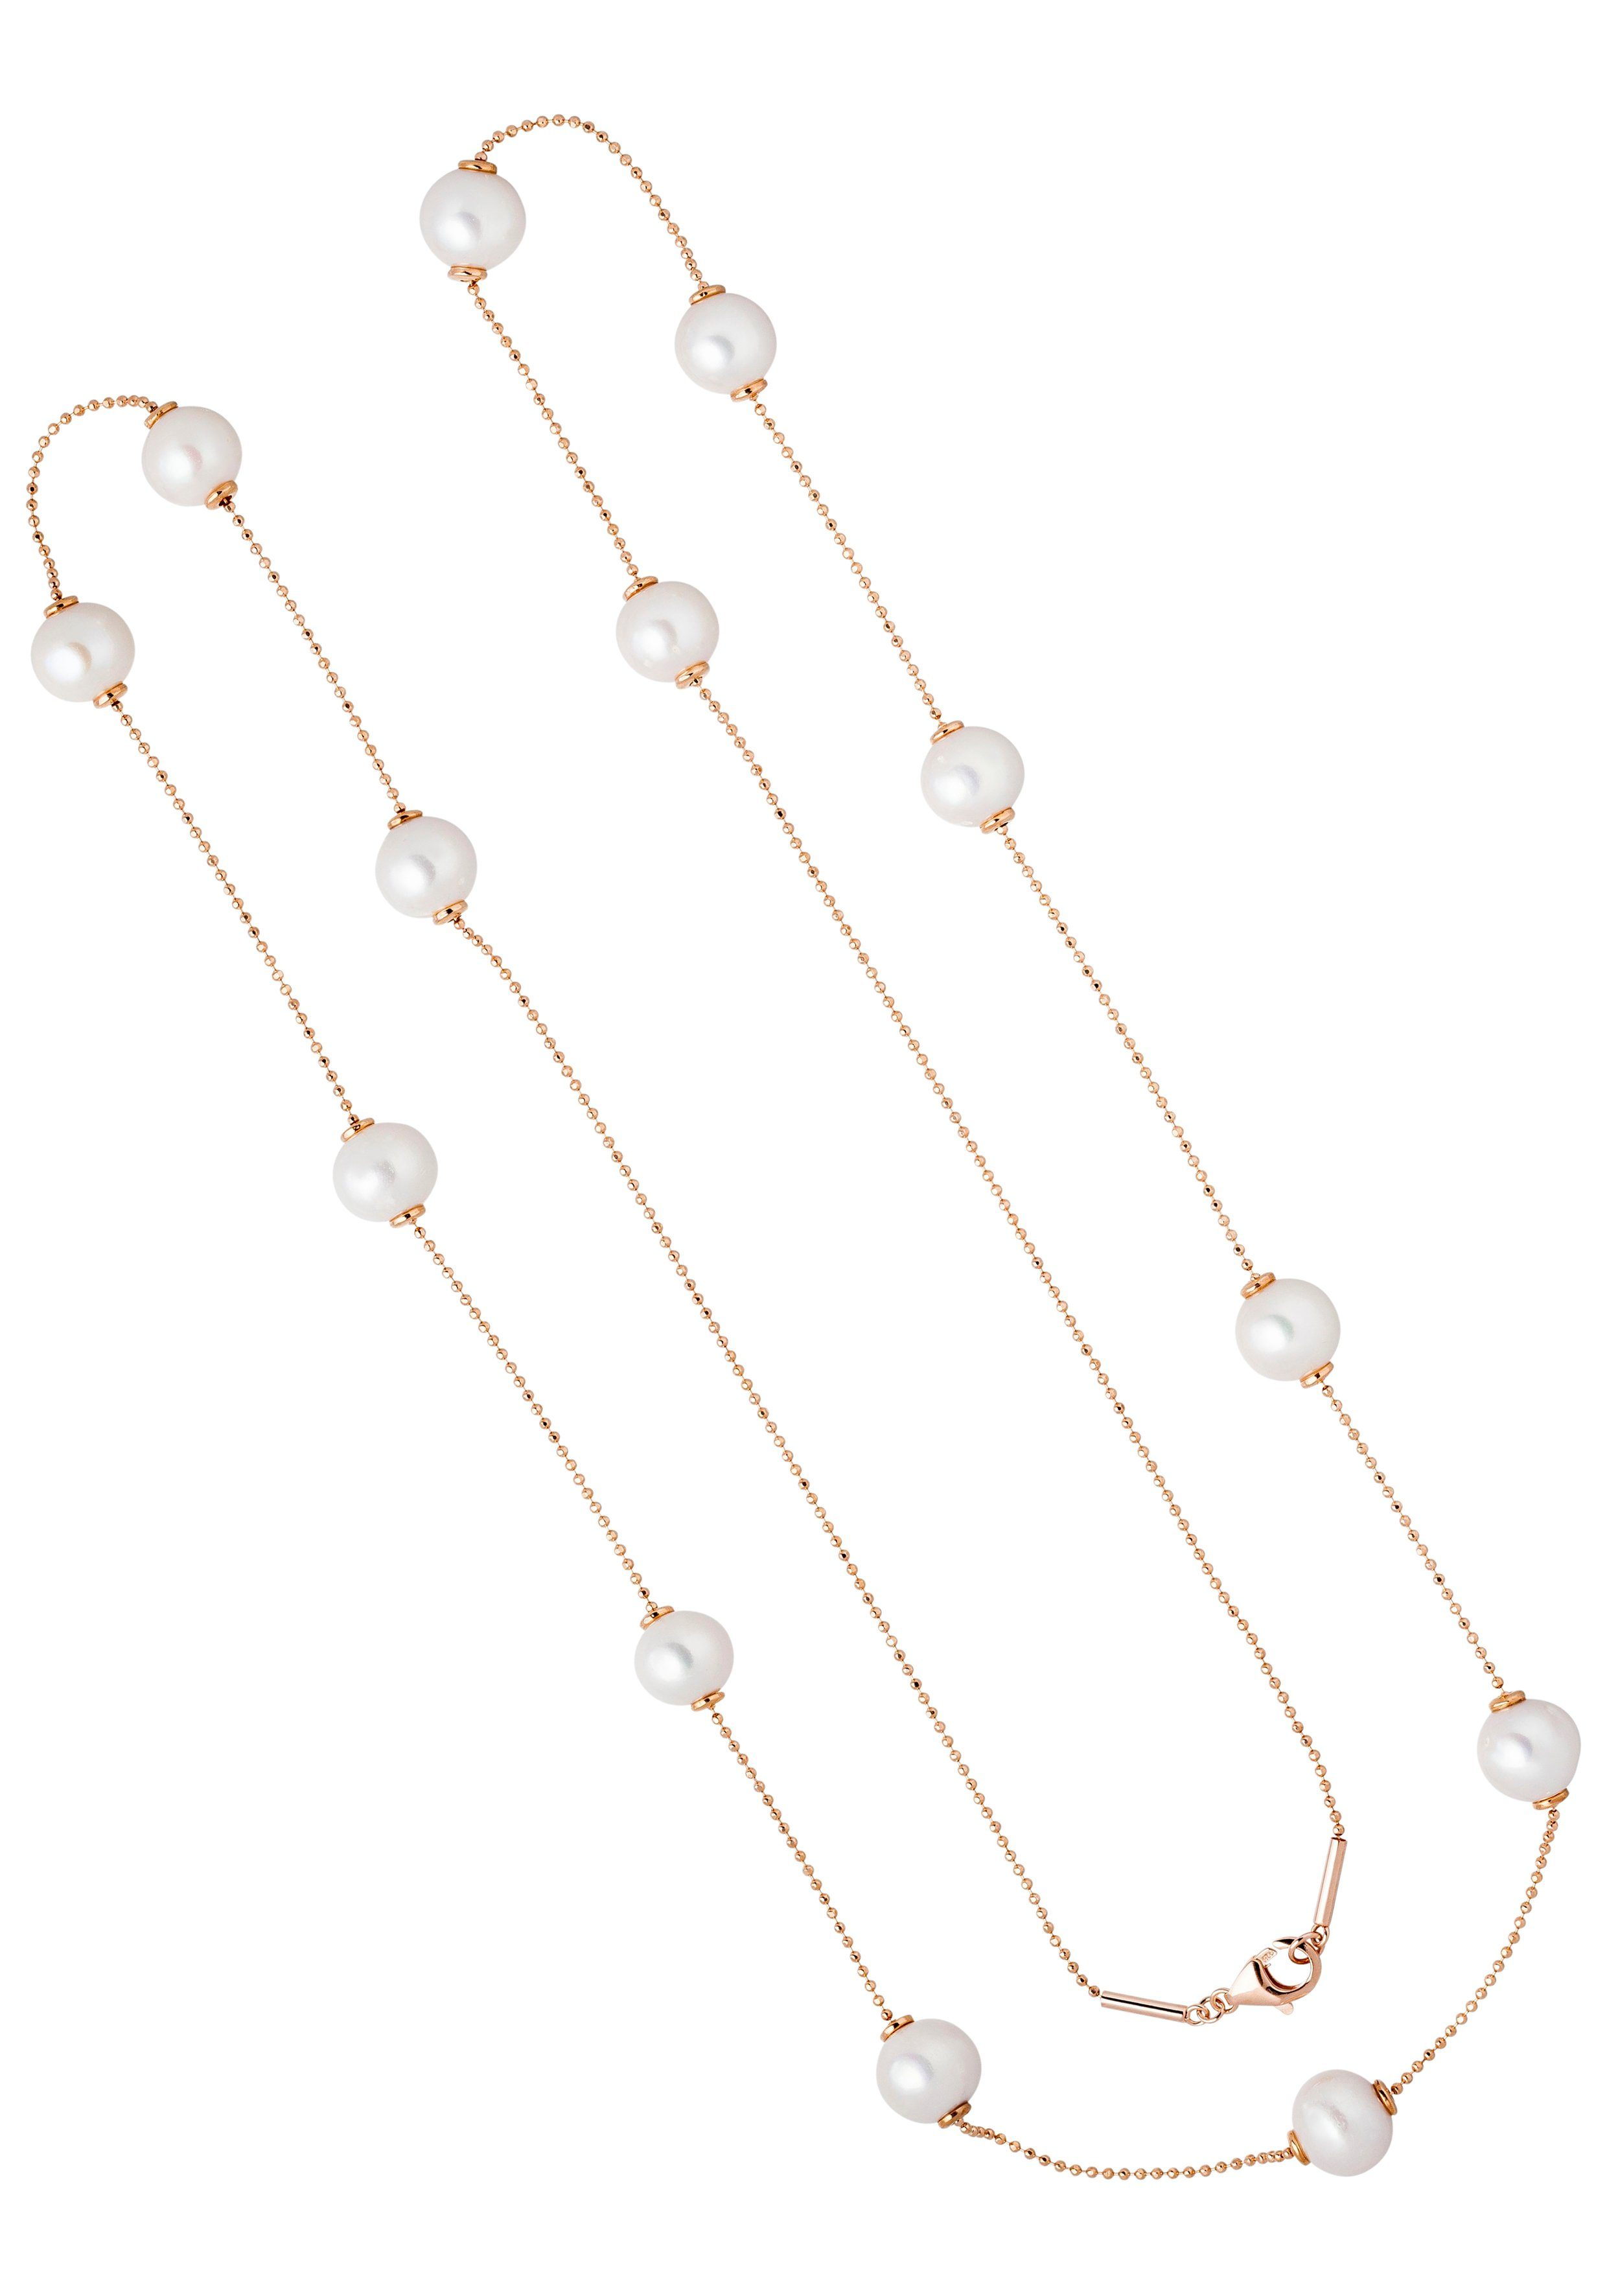 JOBO Collierkettchen 925 Silber roségold vergoldet mit 13 Süßwasser-Zuchtperlen